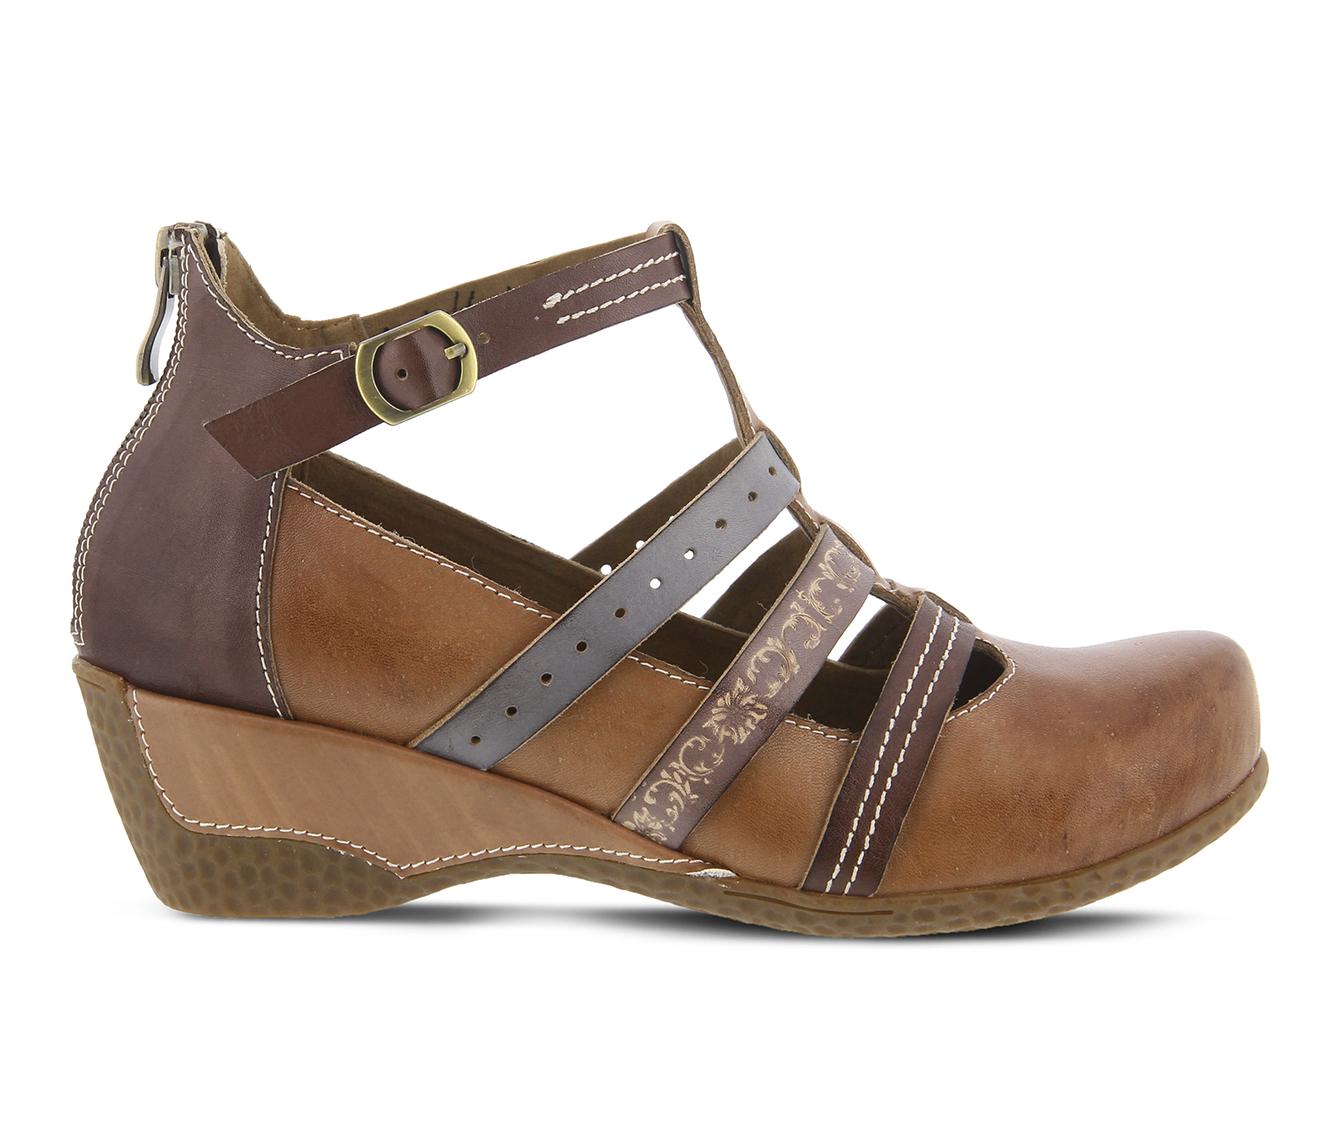 L'Artiste Yulianna Women's Shoe (Brown Leather)